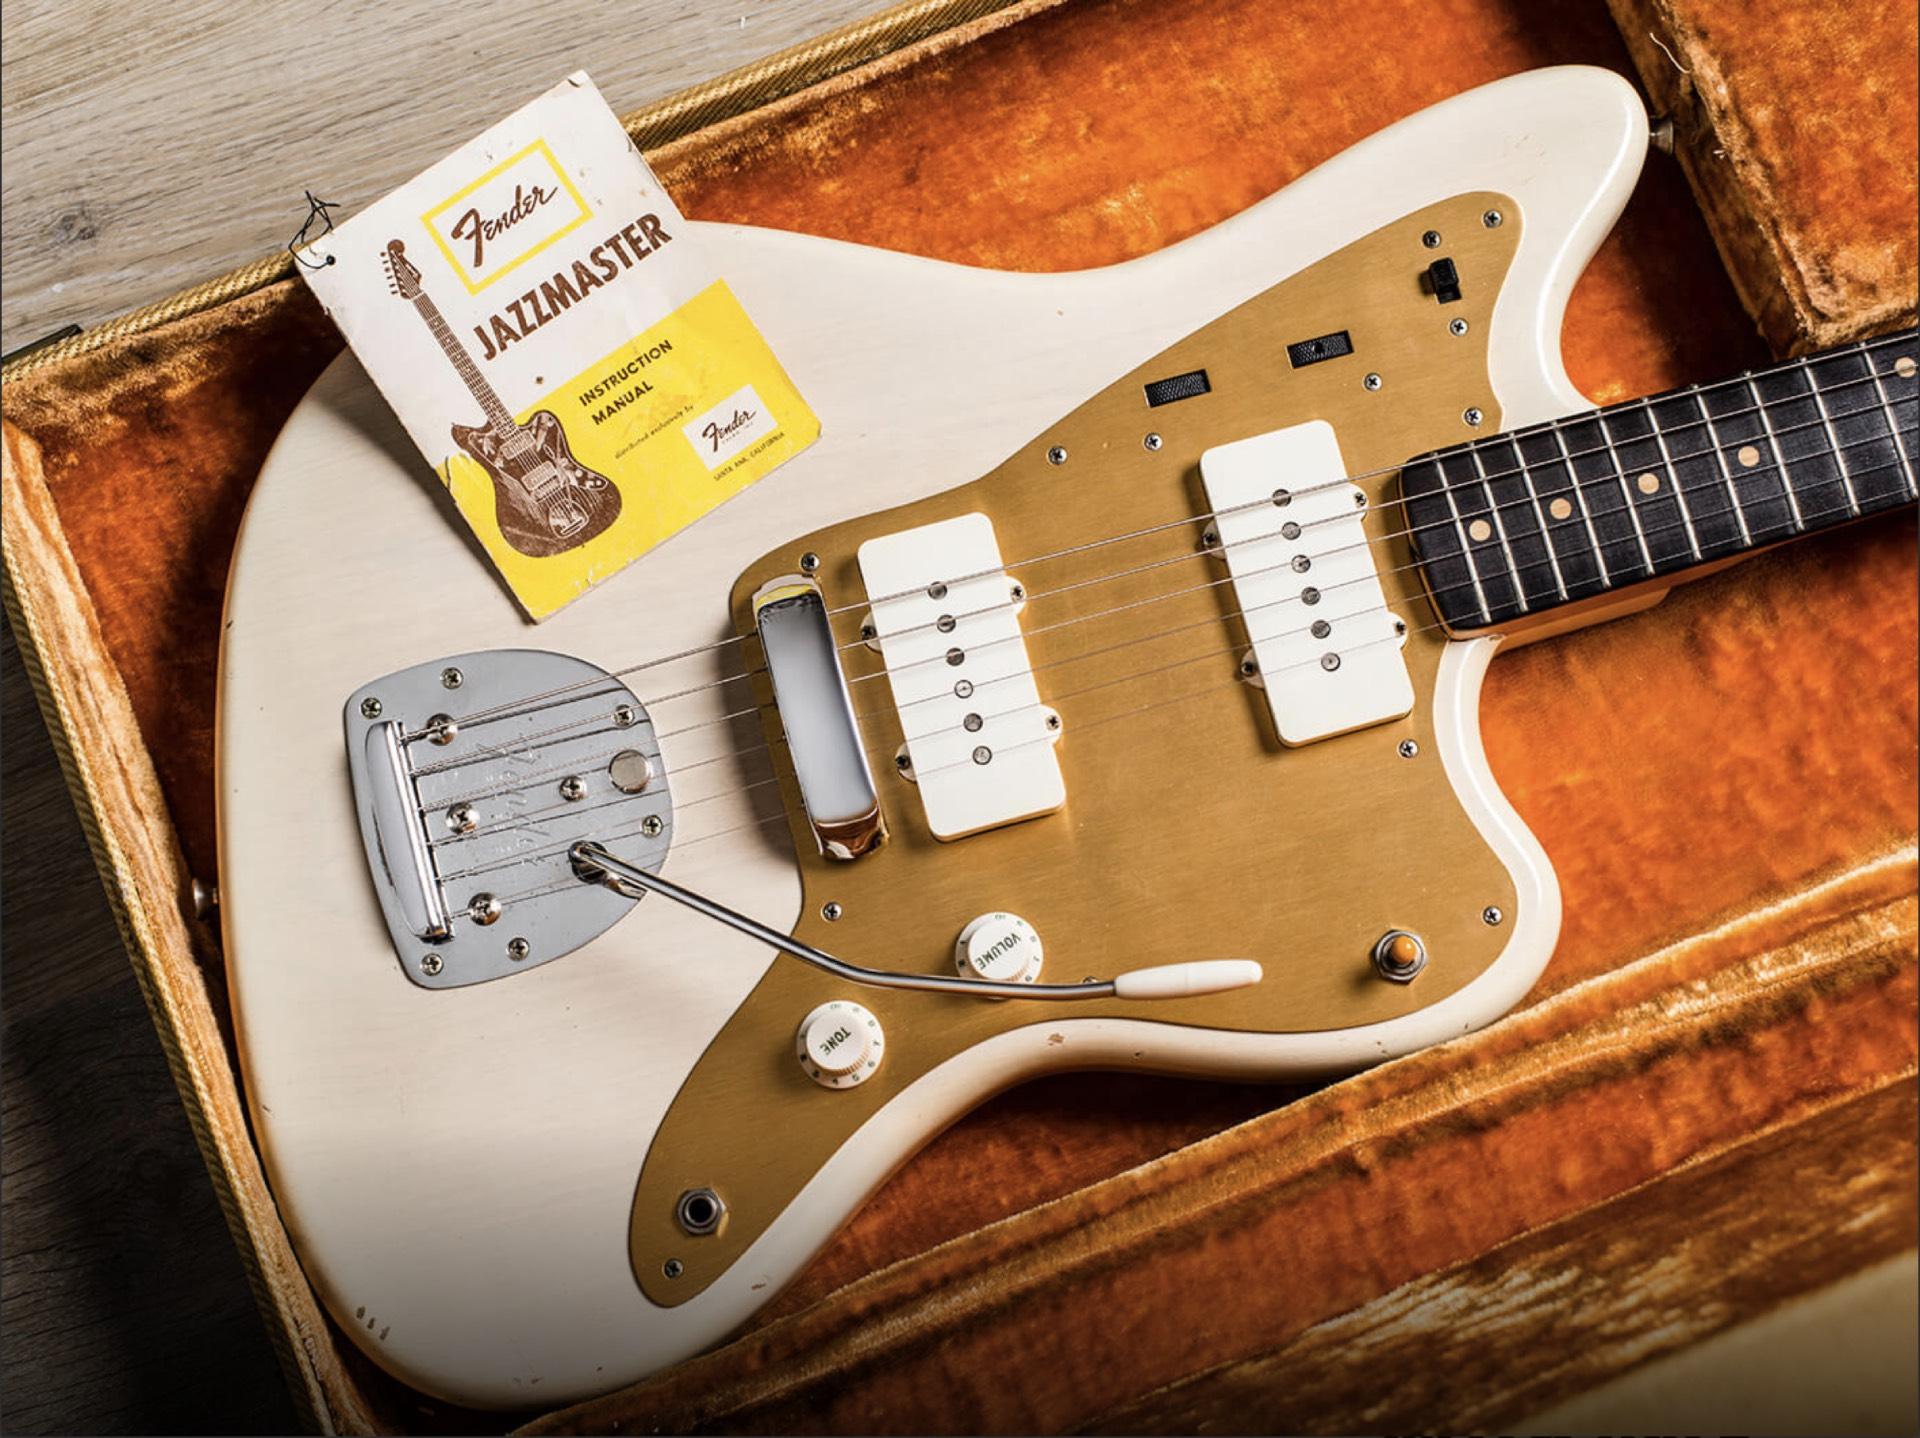 1959 Fender Jazzmaster Blonde